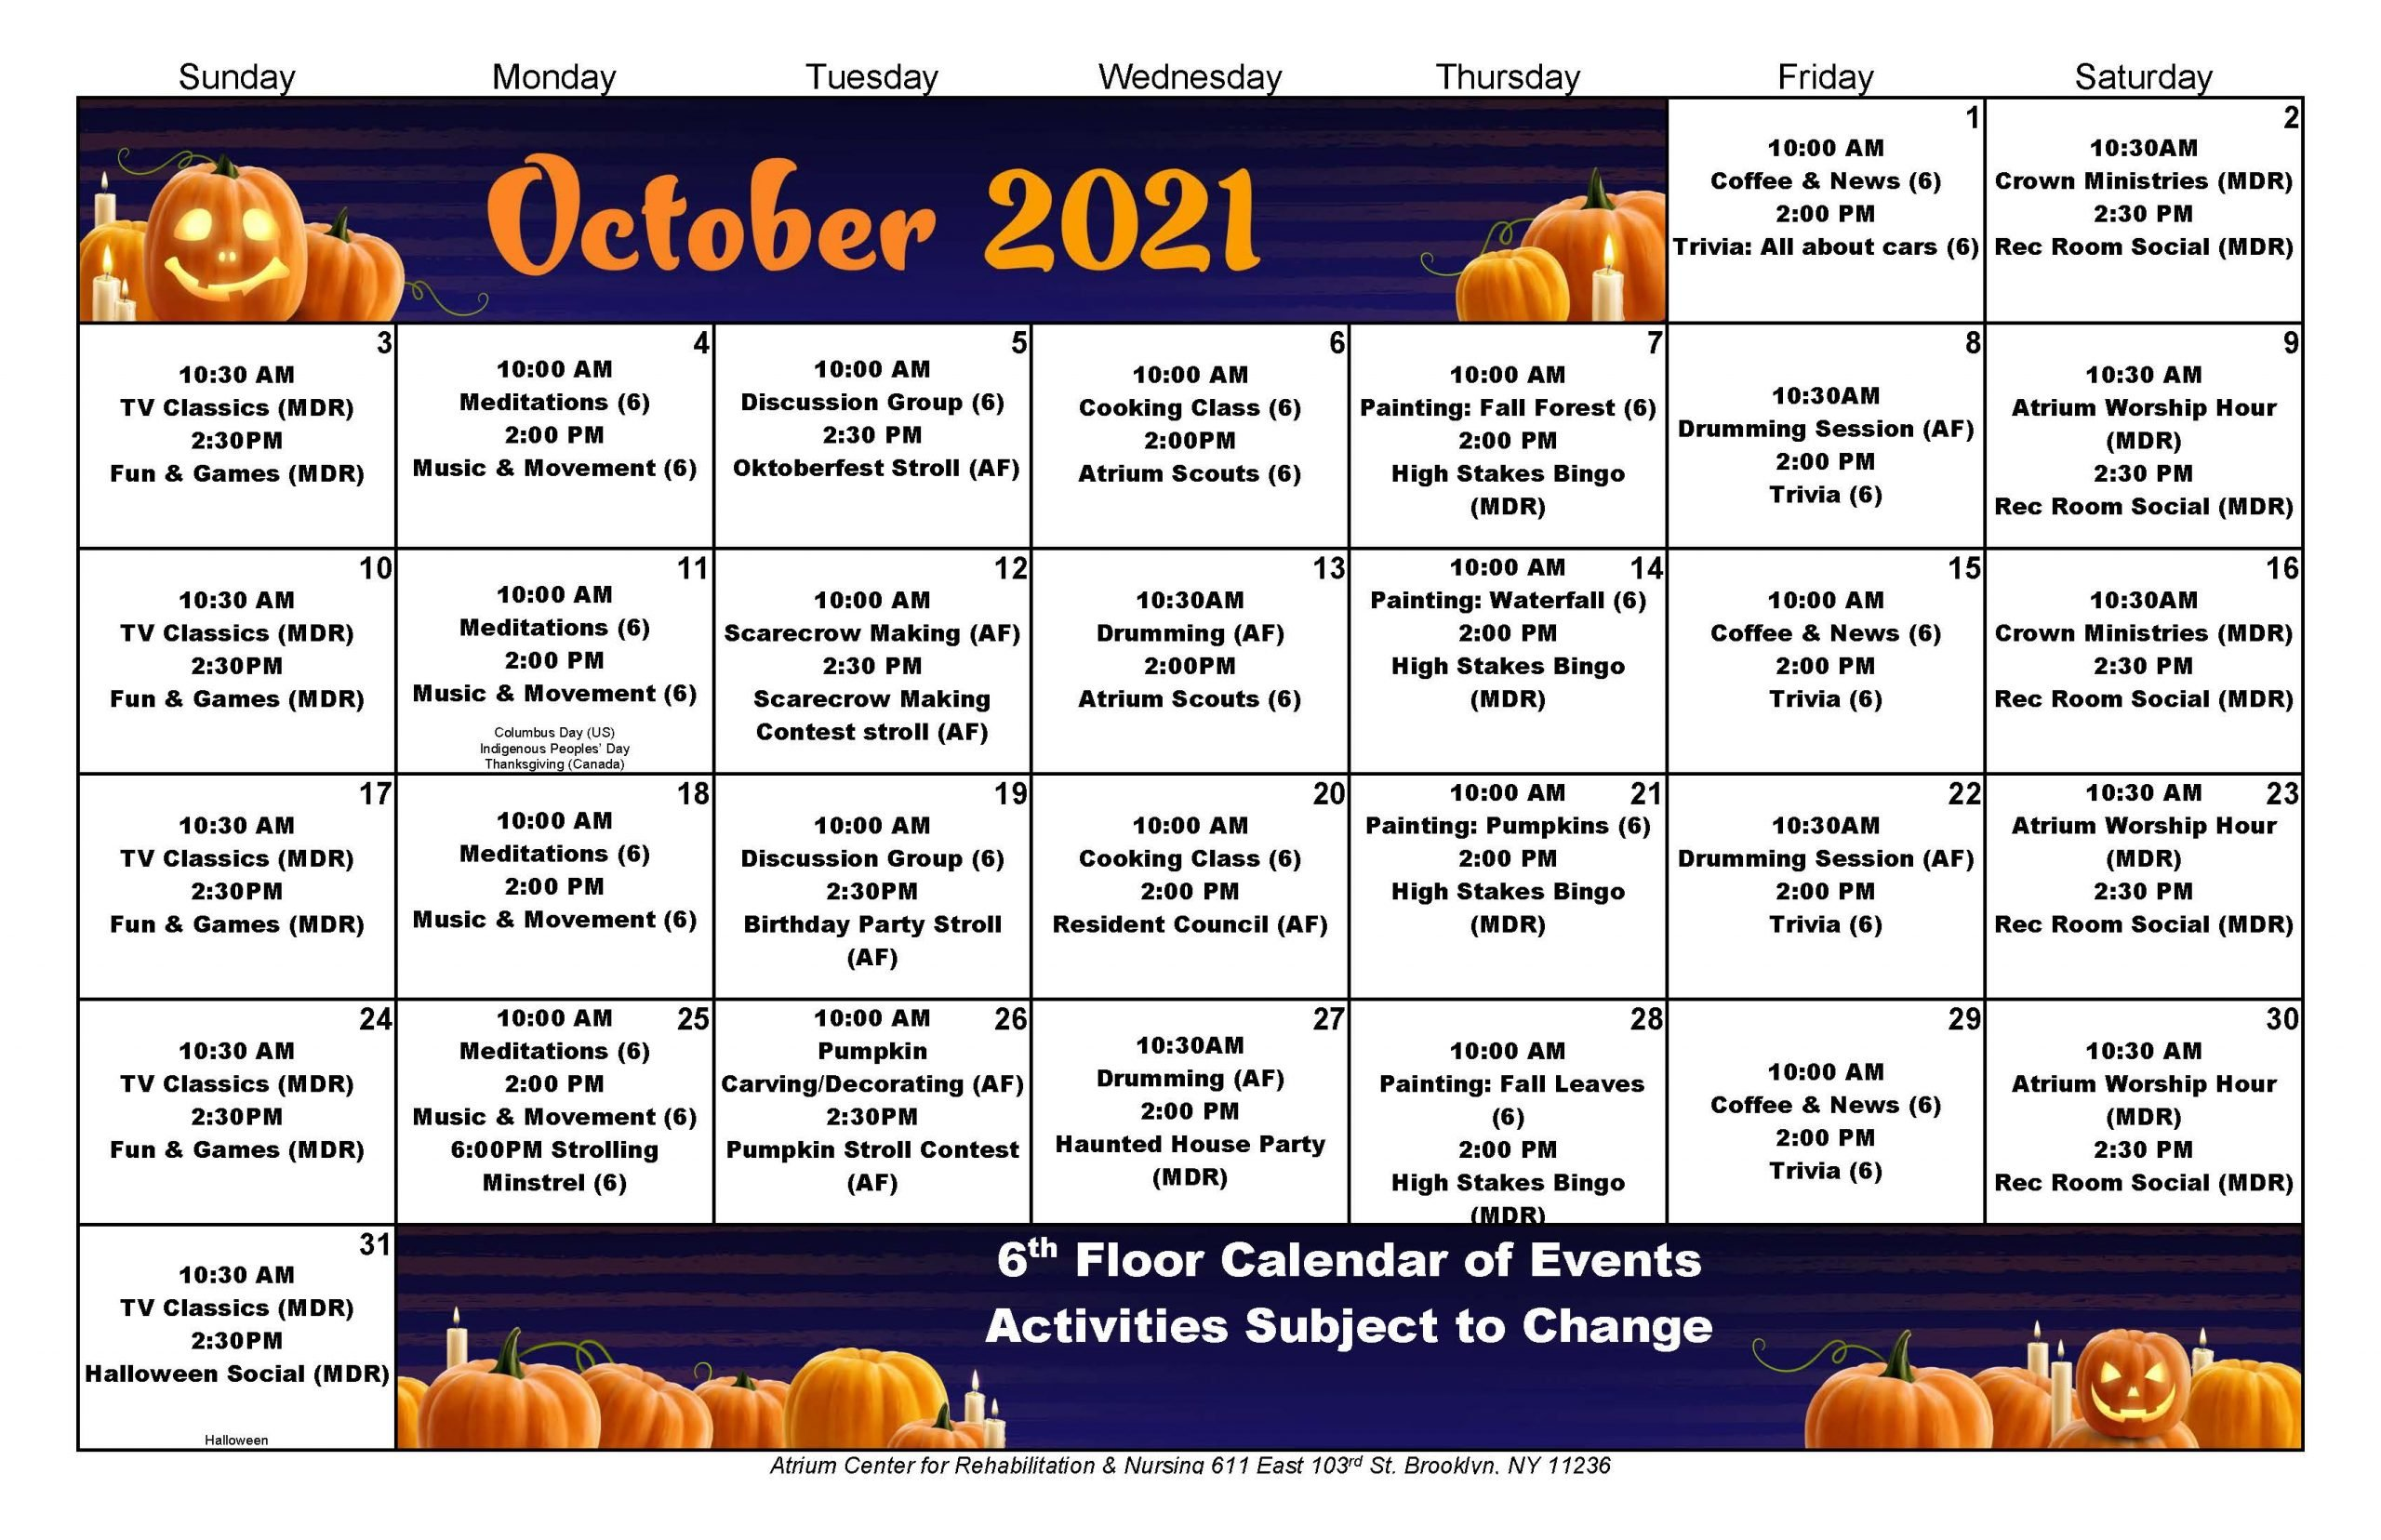 Atrium Center October 2021 Calendar - 6th Floor